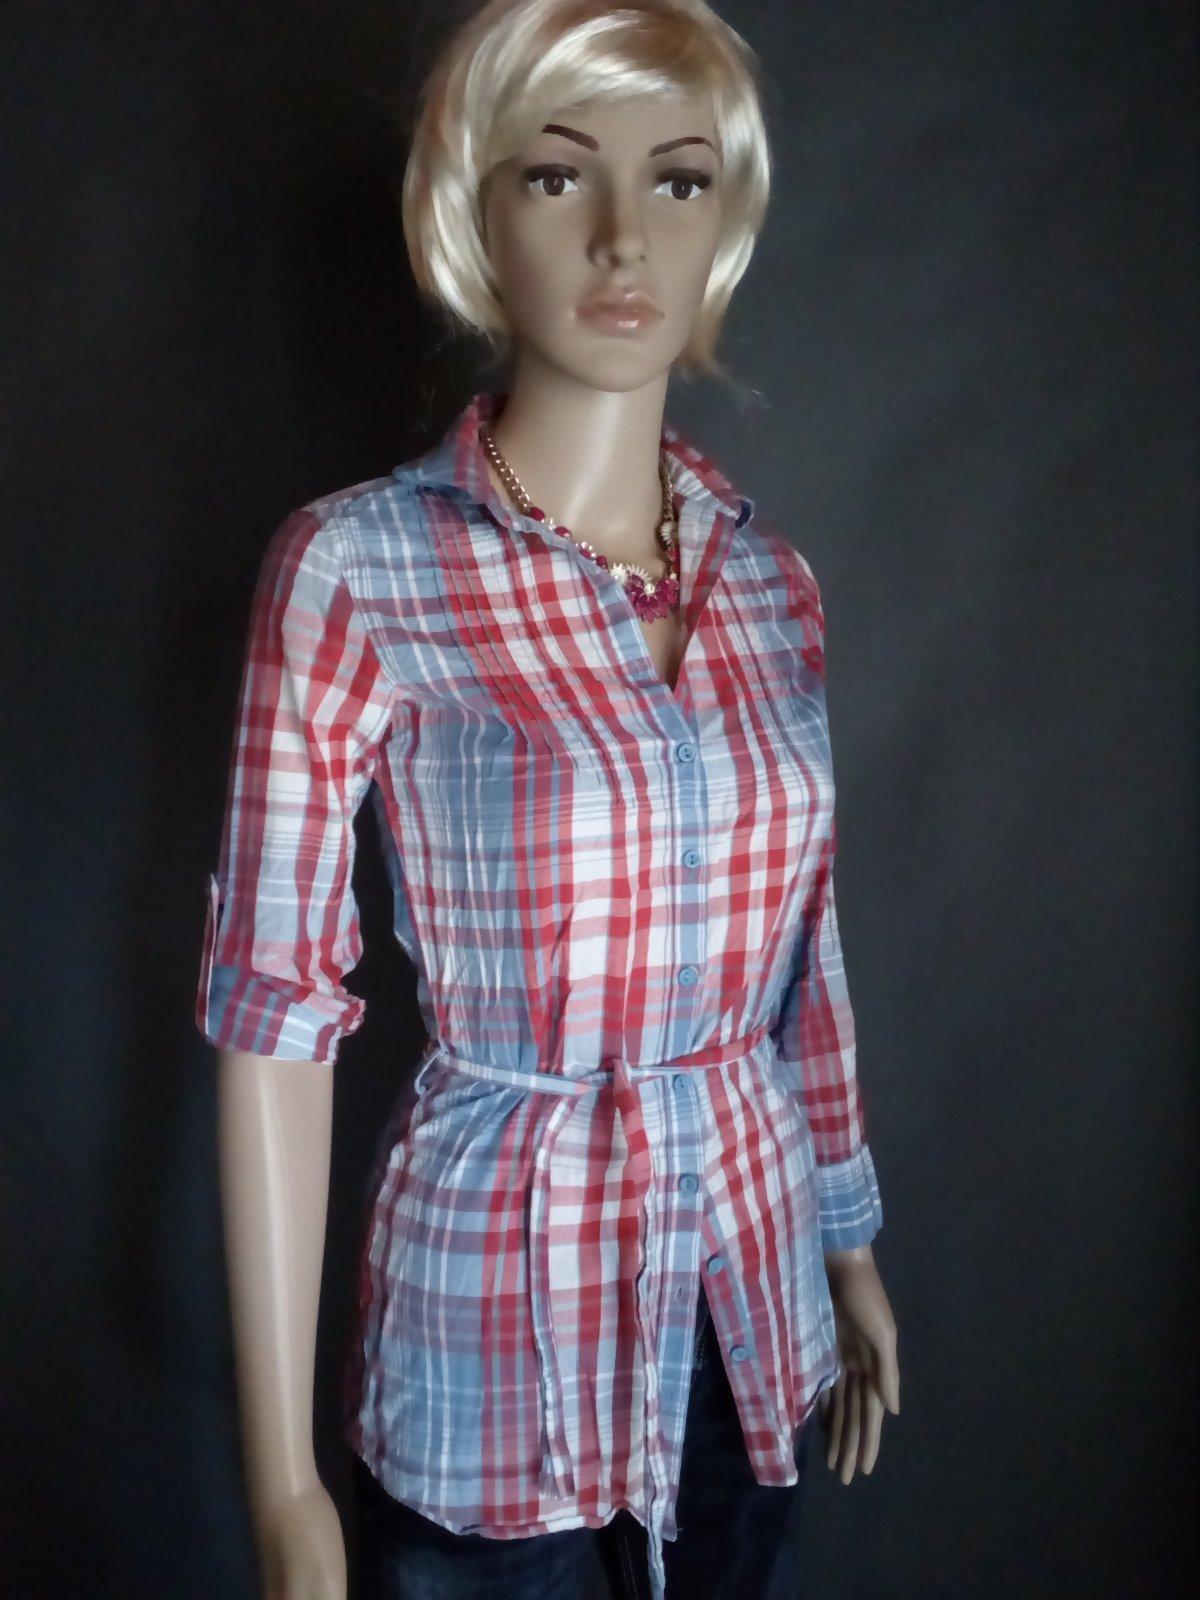 d394d0d1d076 F - károvaná predĺžená košeľa